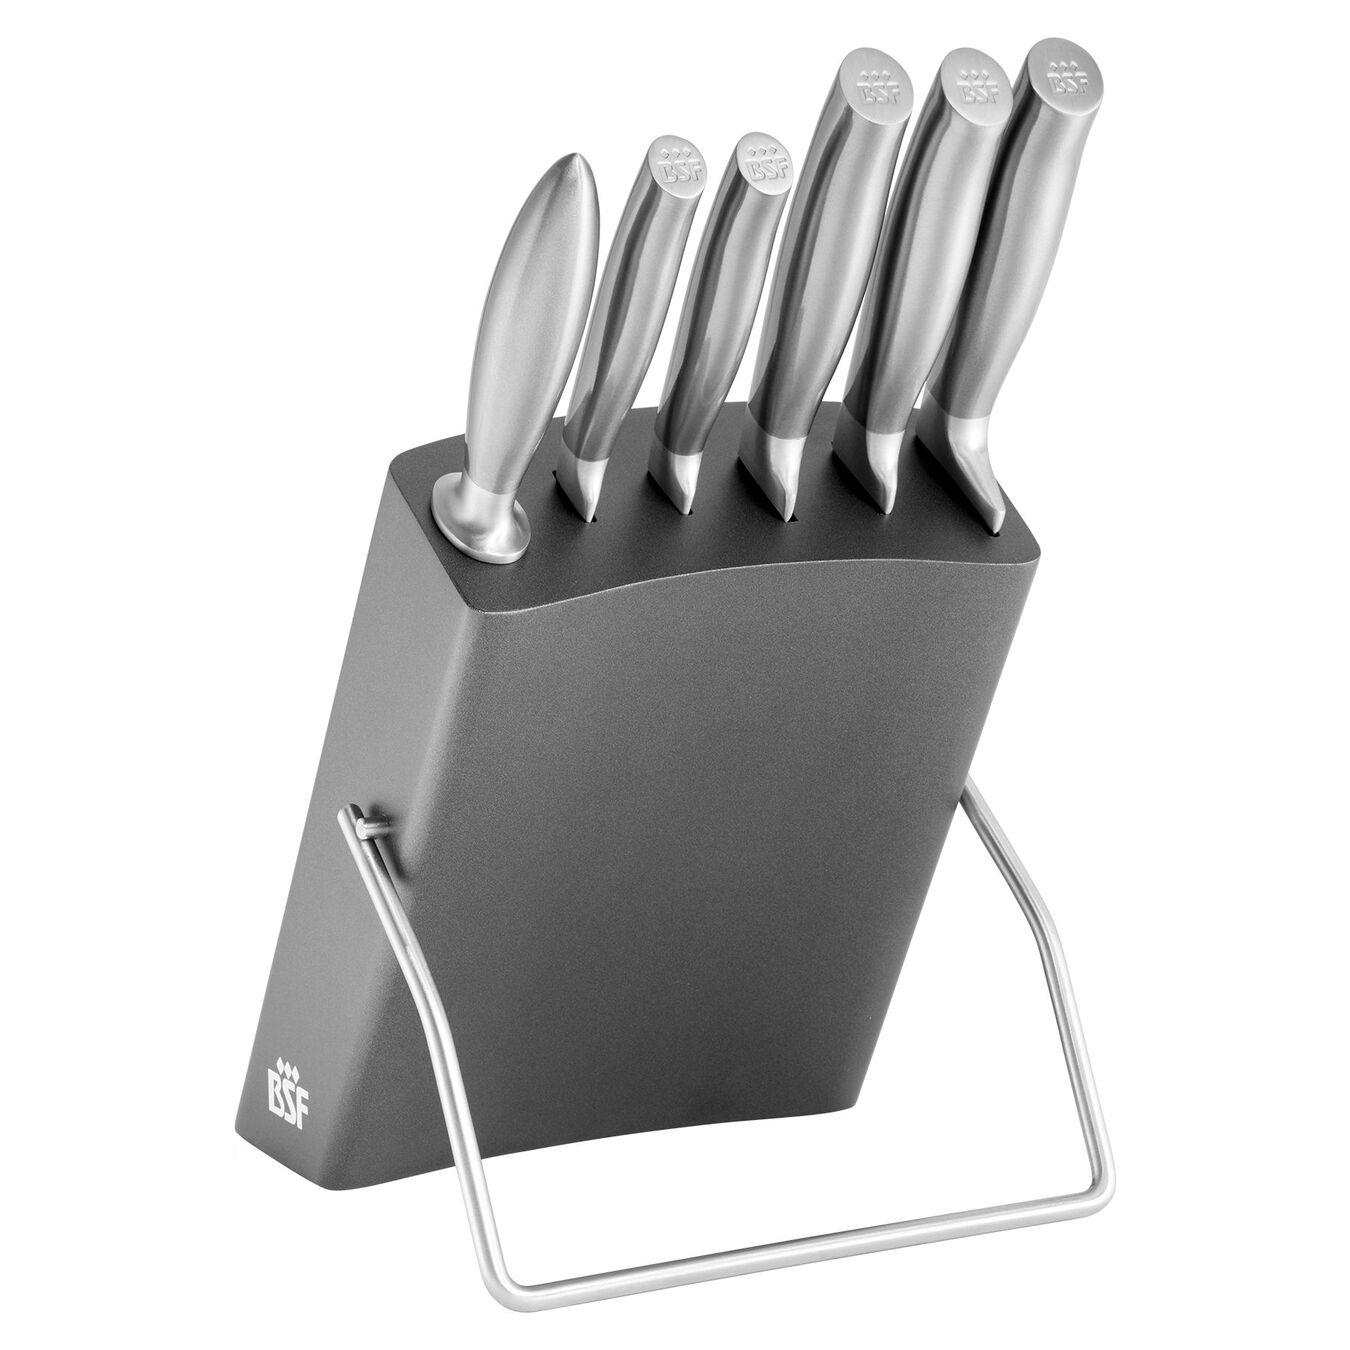 Bloc de couteaux 7-pcs, Bouleau,,large 1